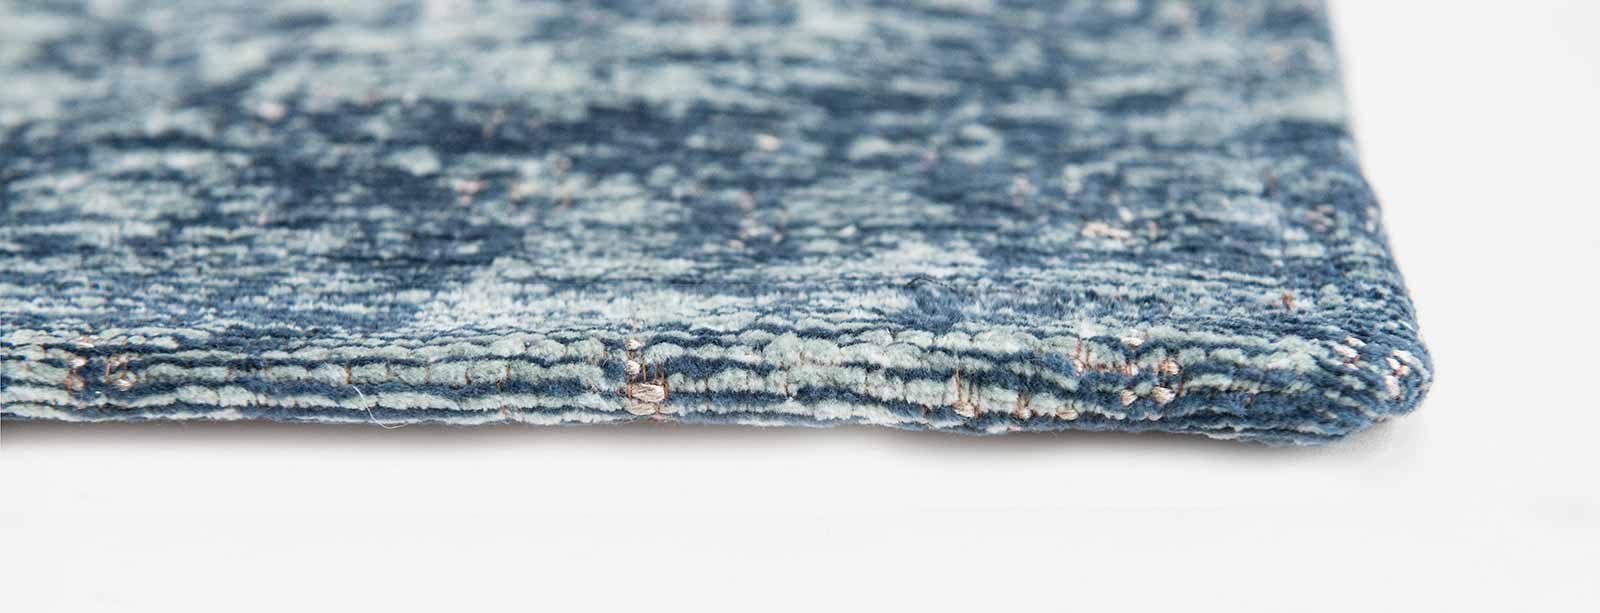 Louis De Poortere alfombras Villa Nova LX 8769 Marka Teal side